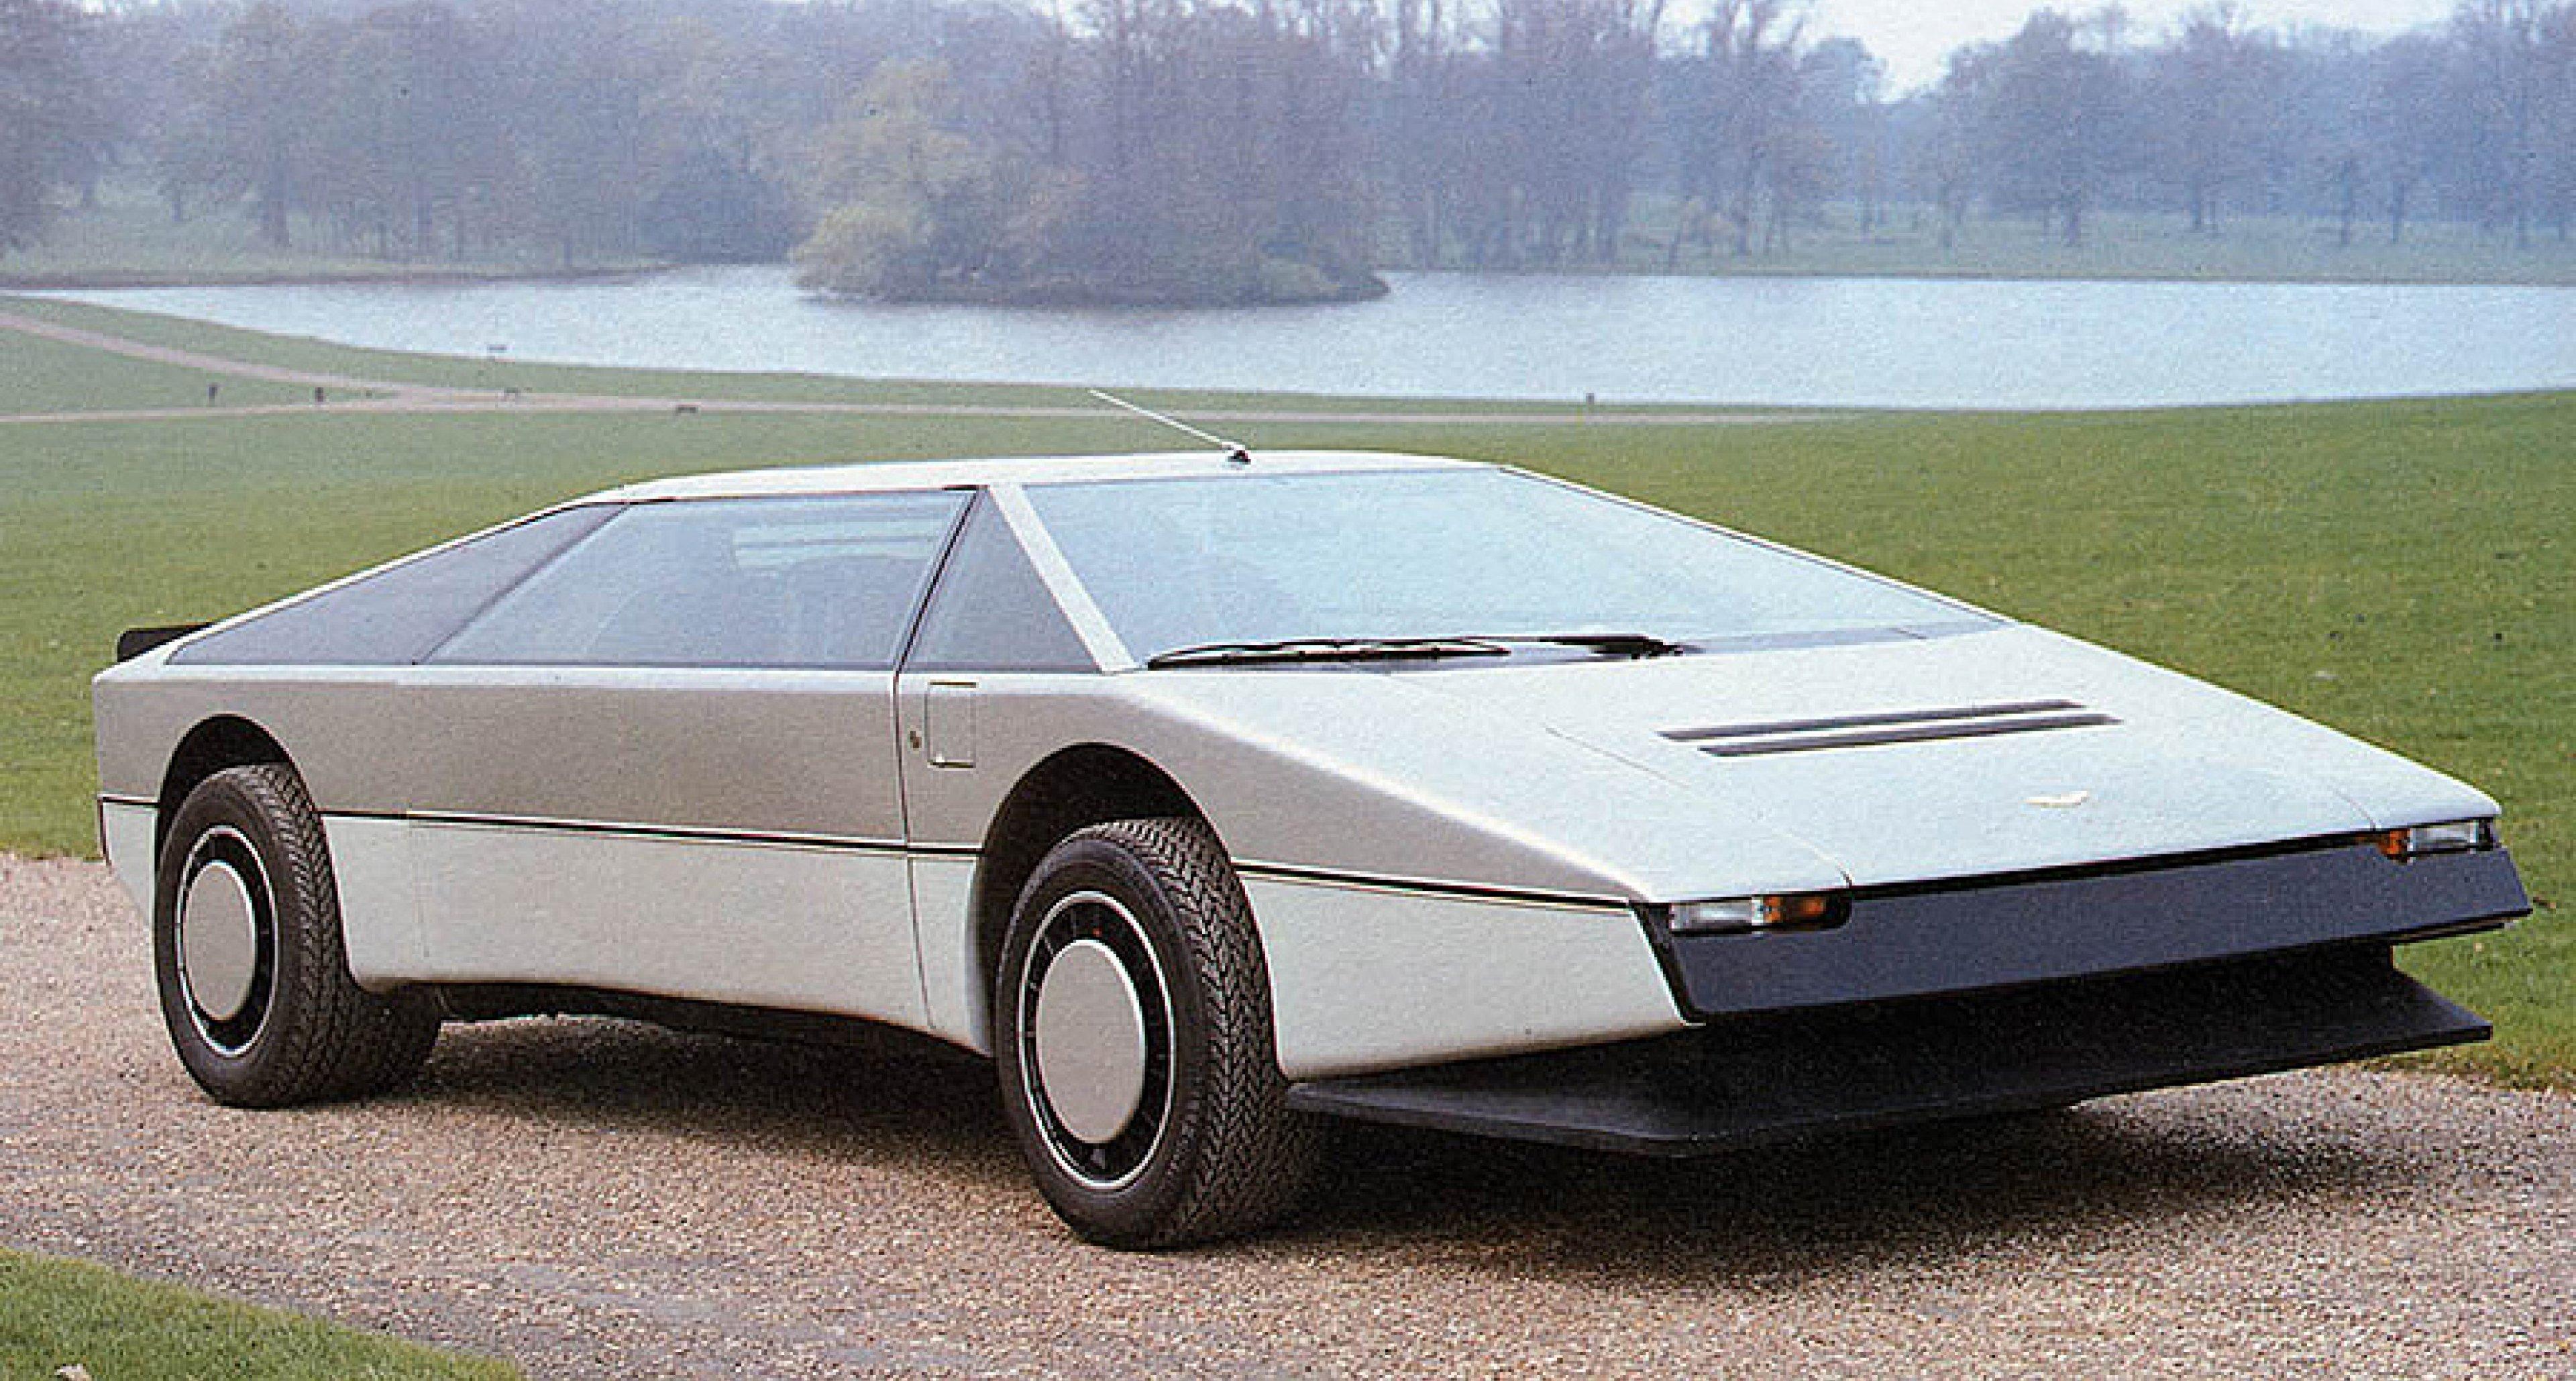 Classic Concepts 1980 Aston Martin Bulldog Classic